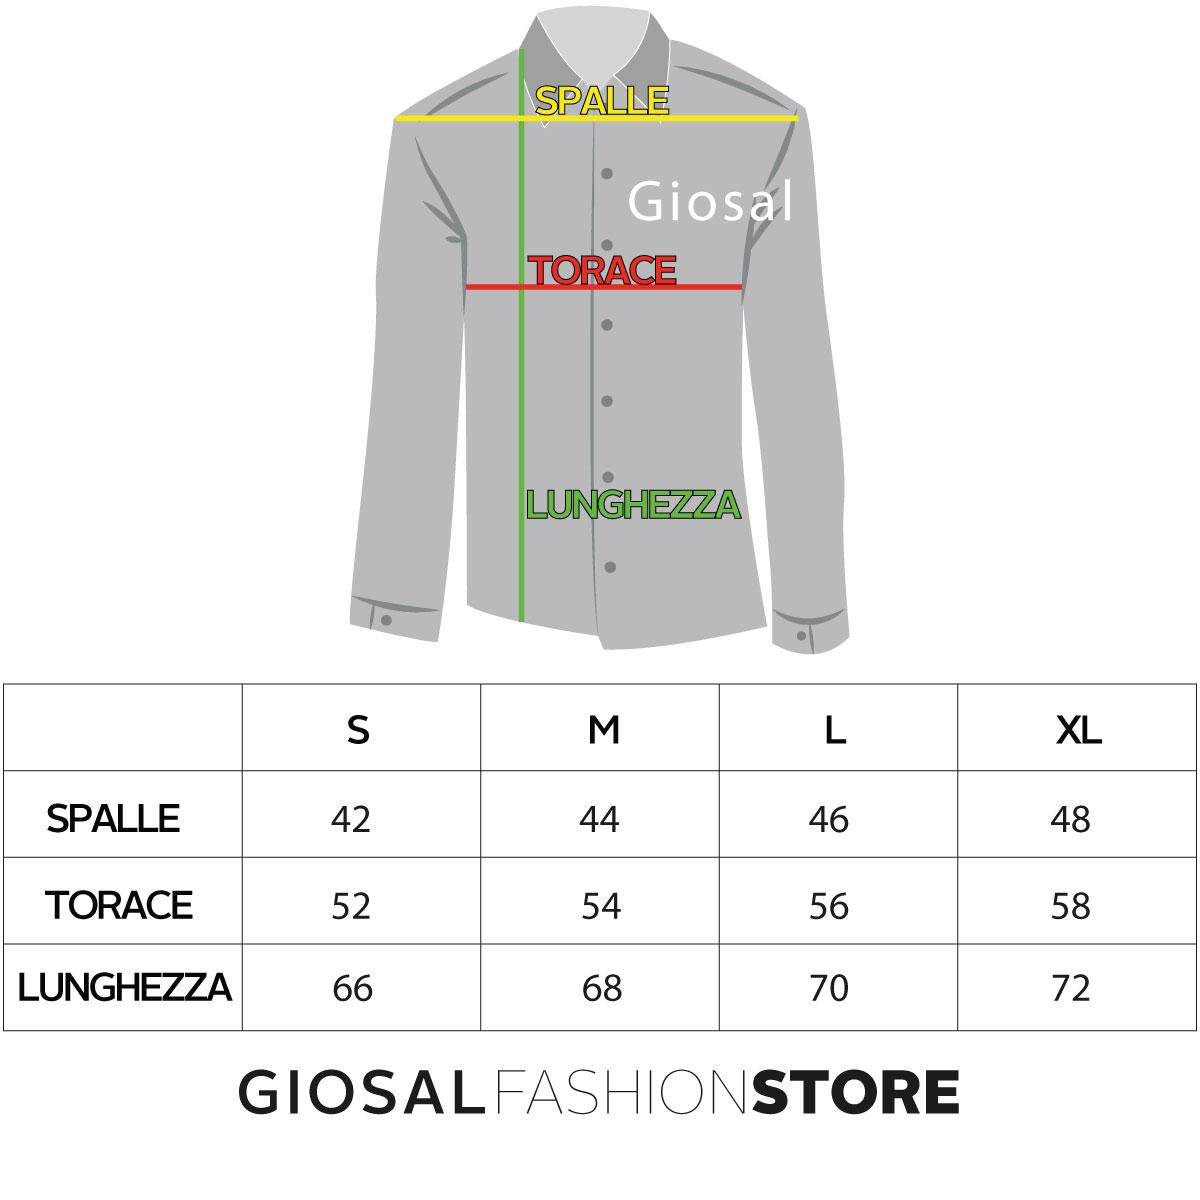 Camicia-Uomo-Puro-Lino-Collo-Coreano-Tinta-Unita-Bianca-Manica-Lunga-Casual-G miniatura 5